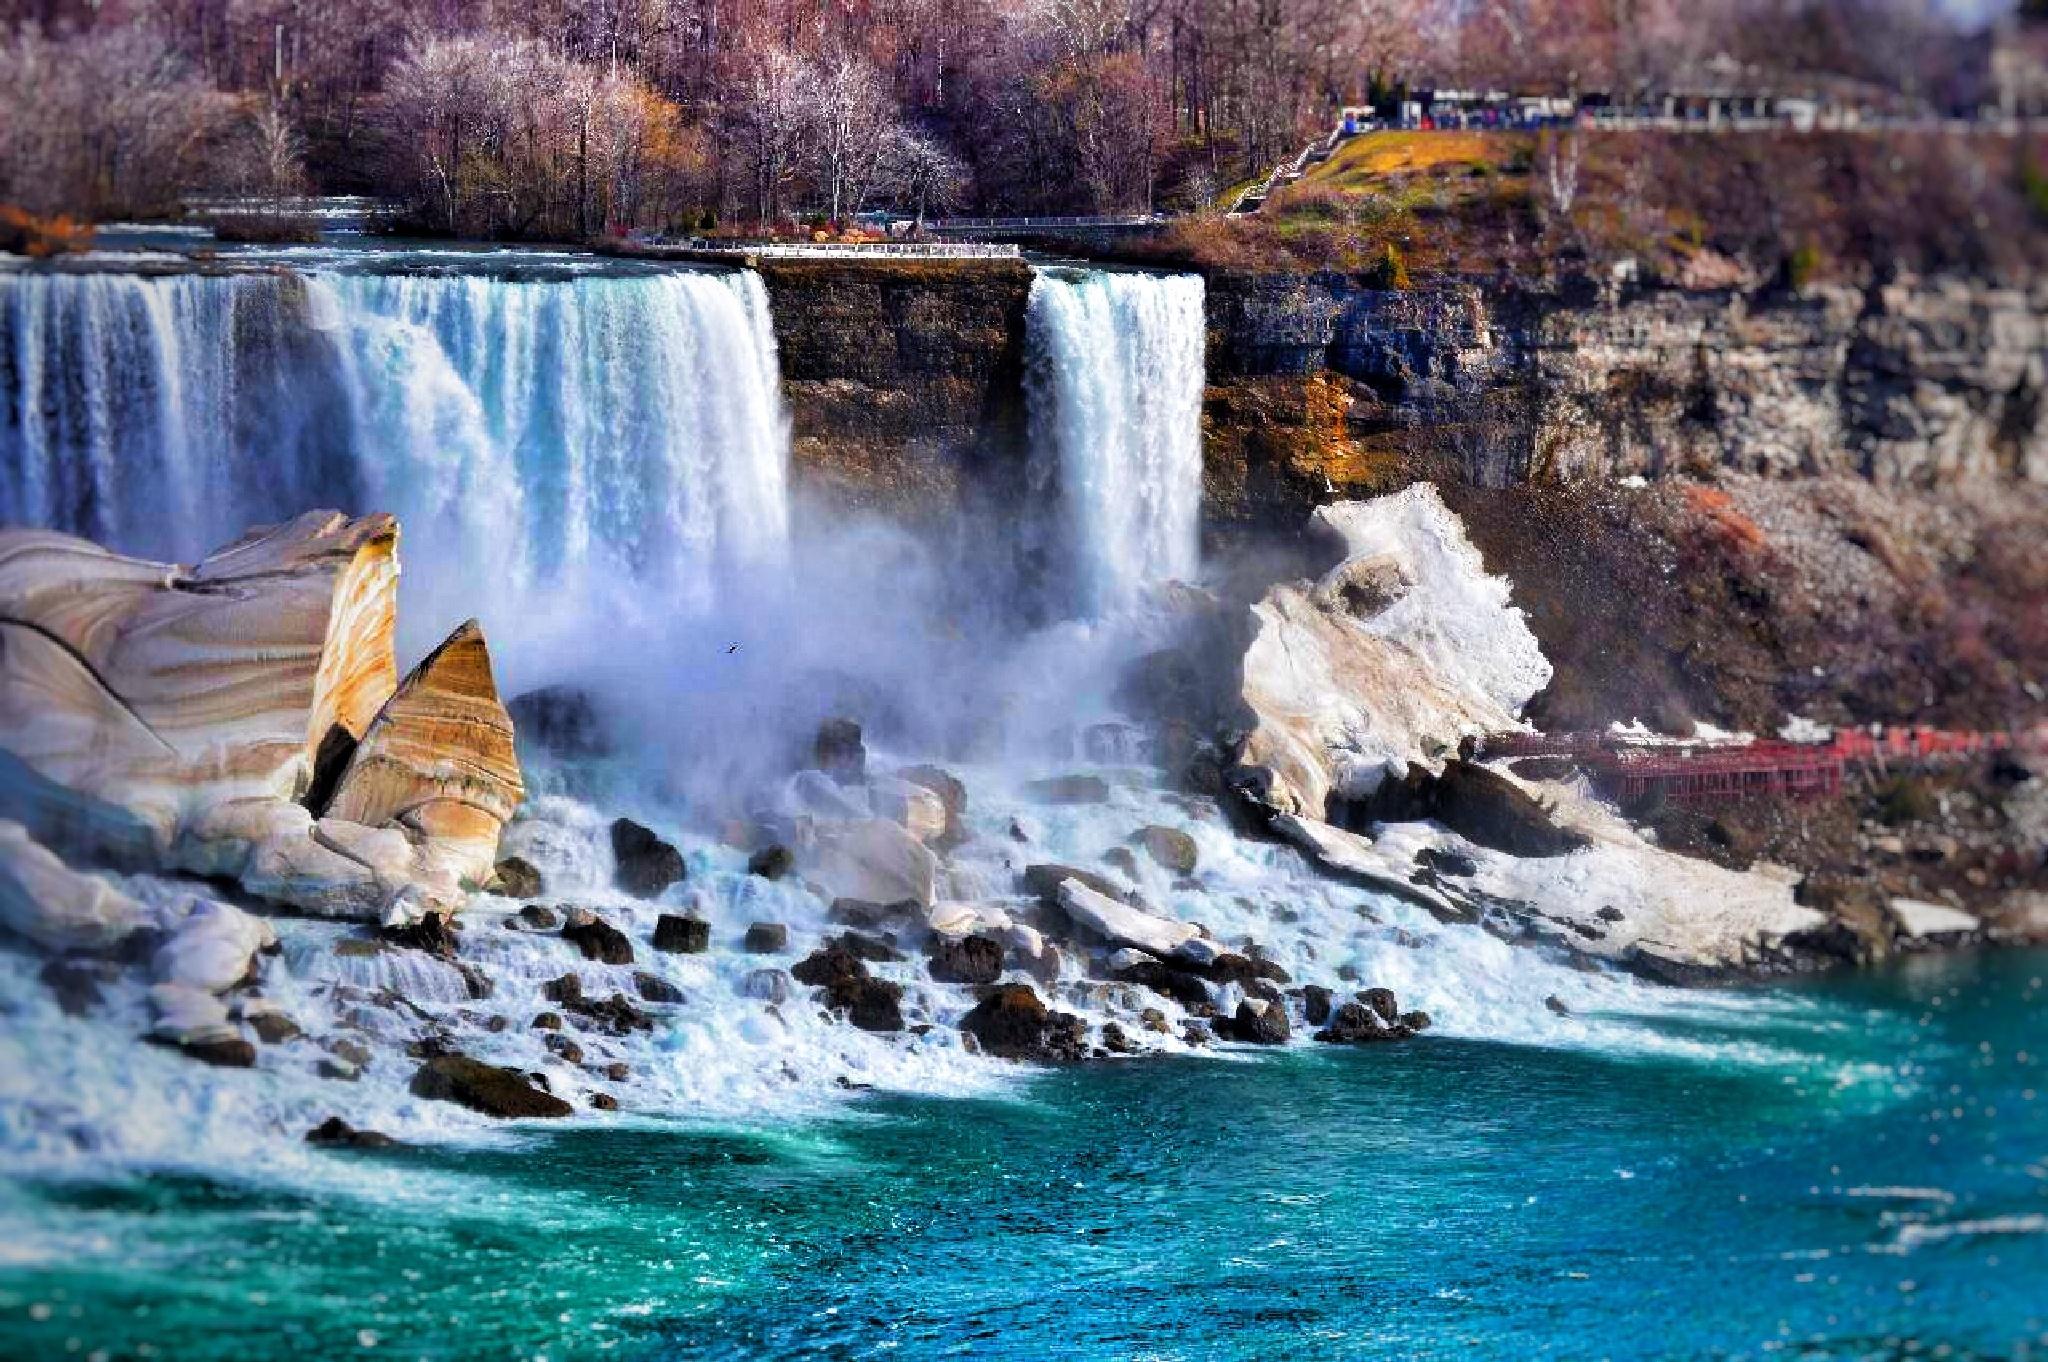 Niagara Falls by OmranOo Elgallal